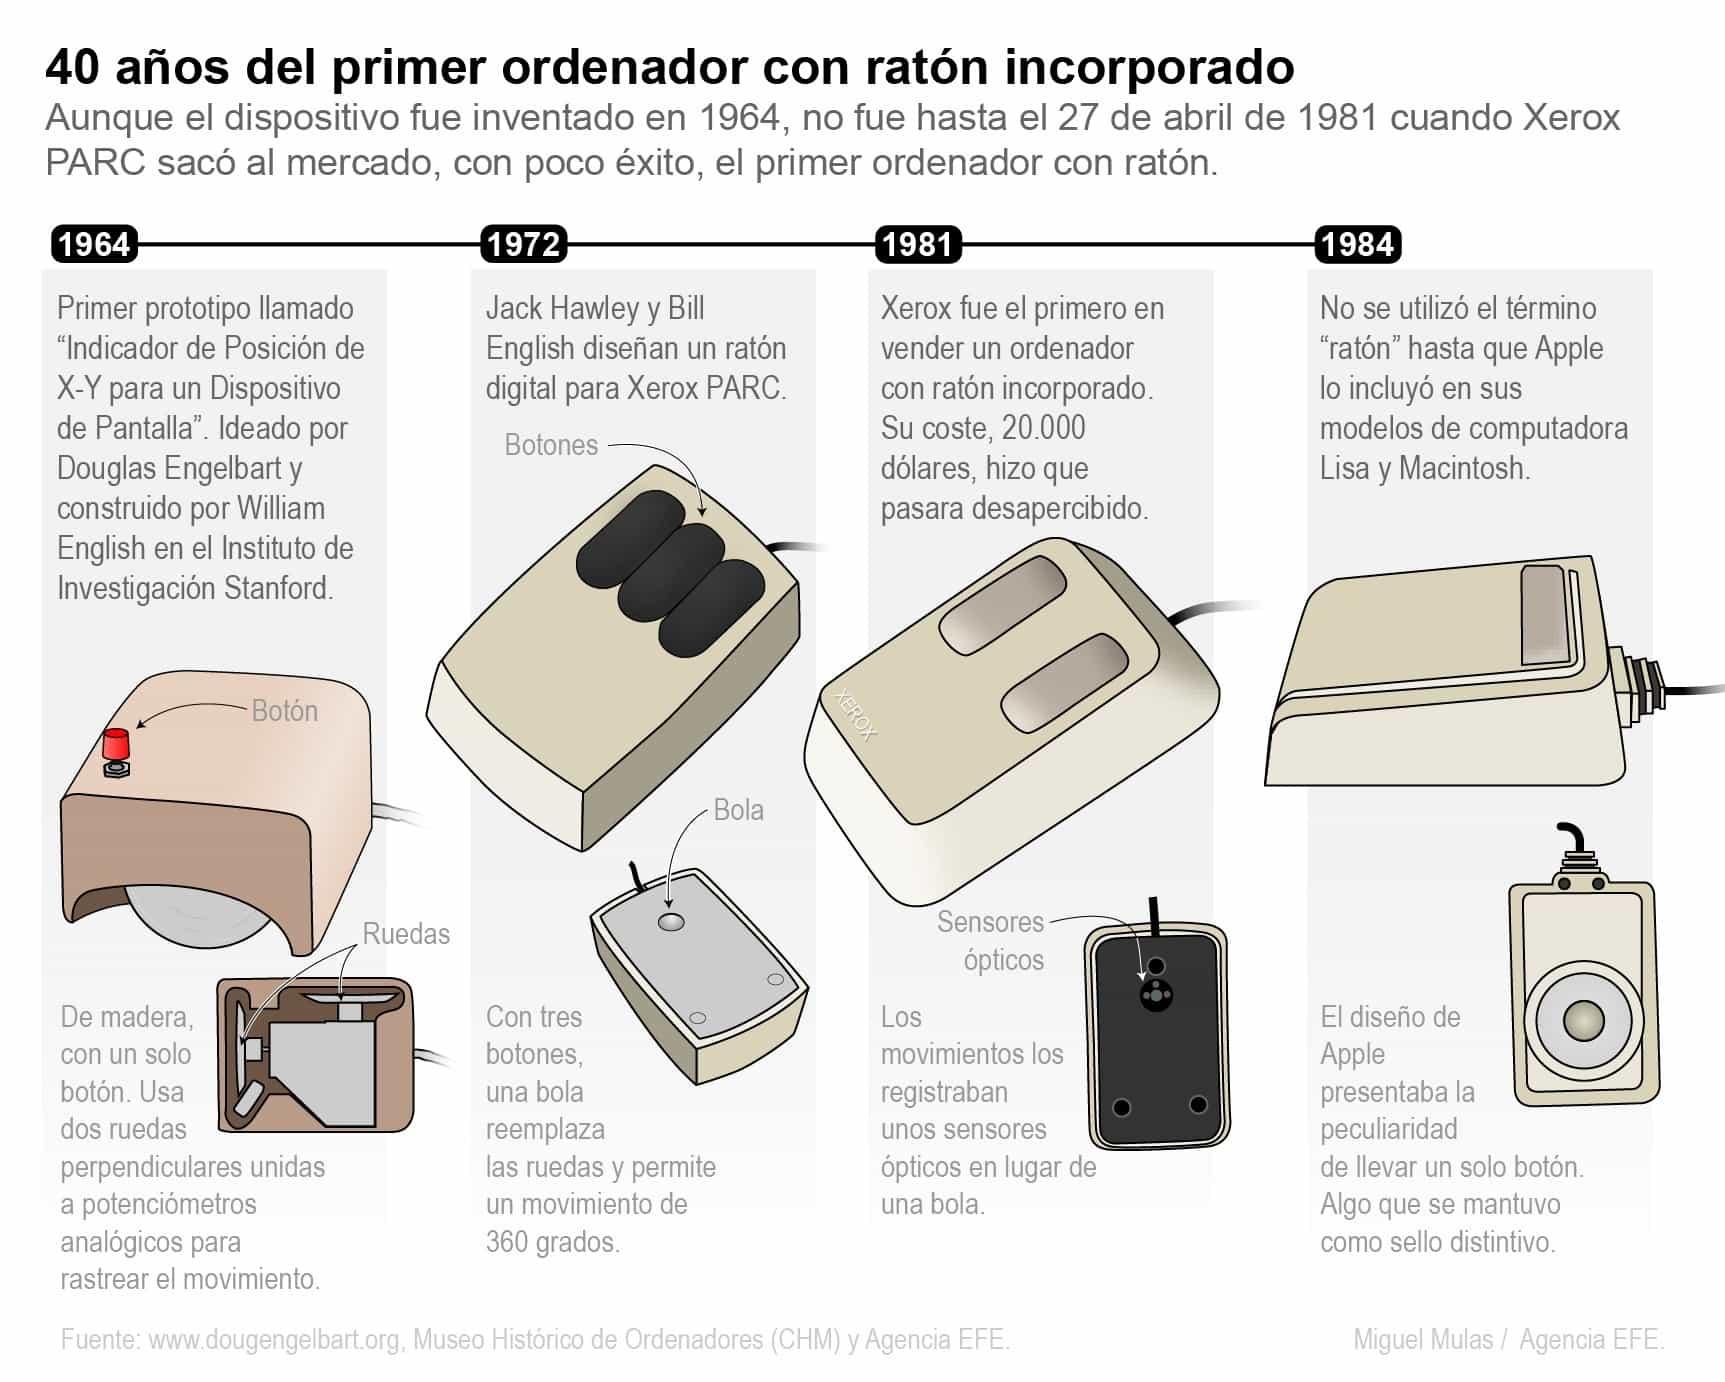 [Infografía] - 40 años del primer ordenador con ratón incorporado 1